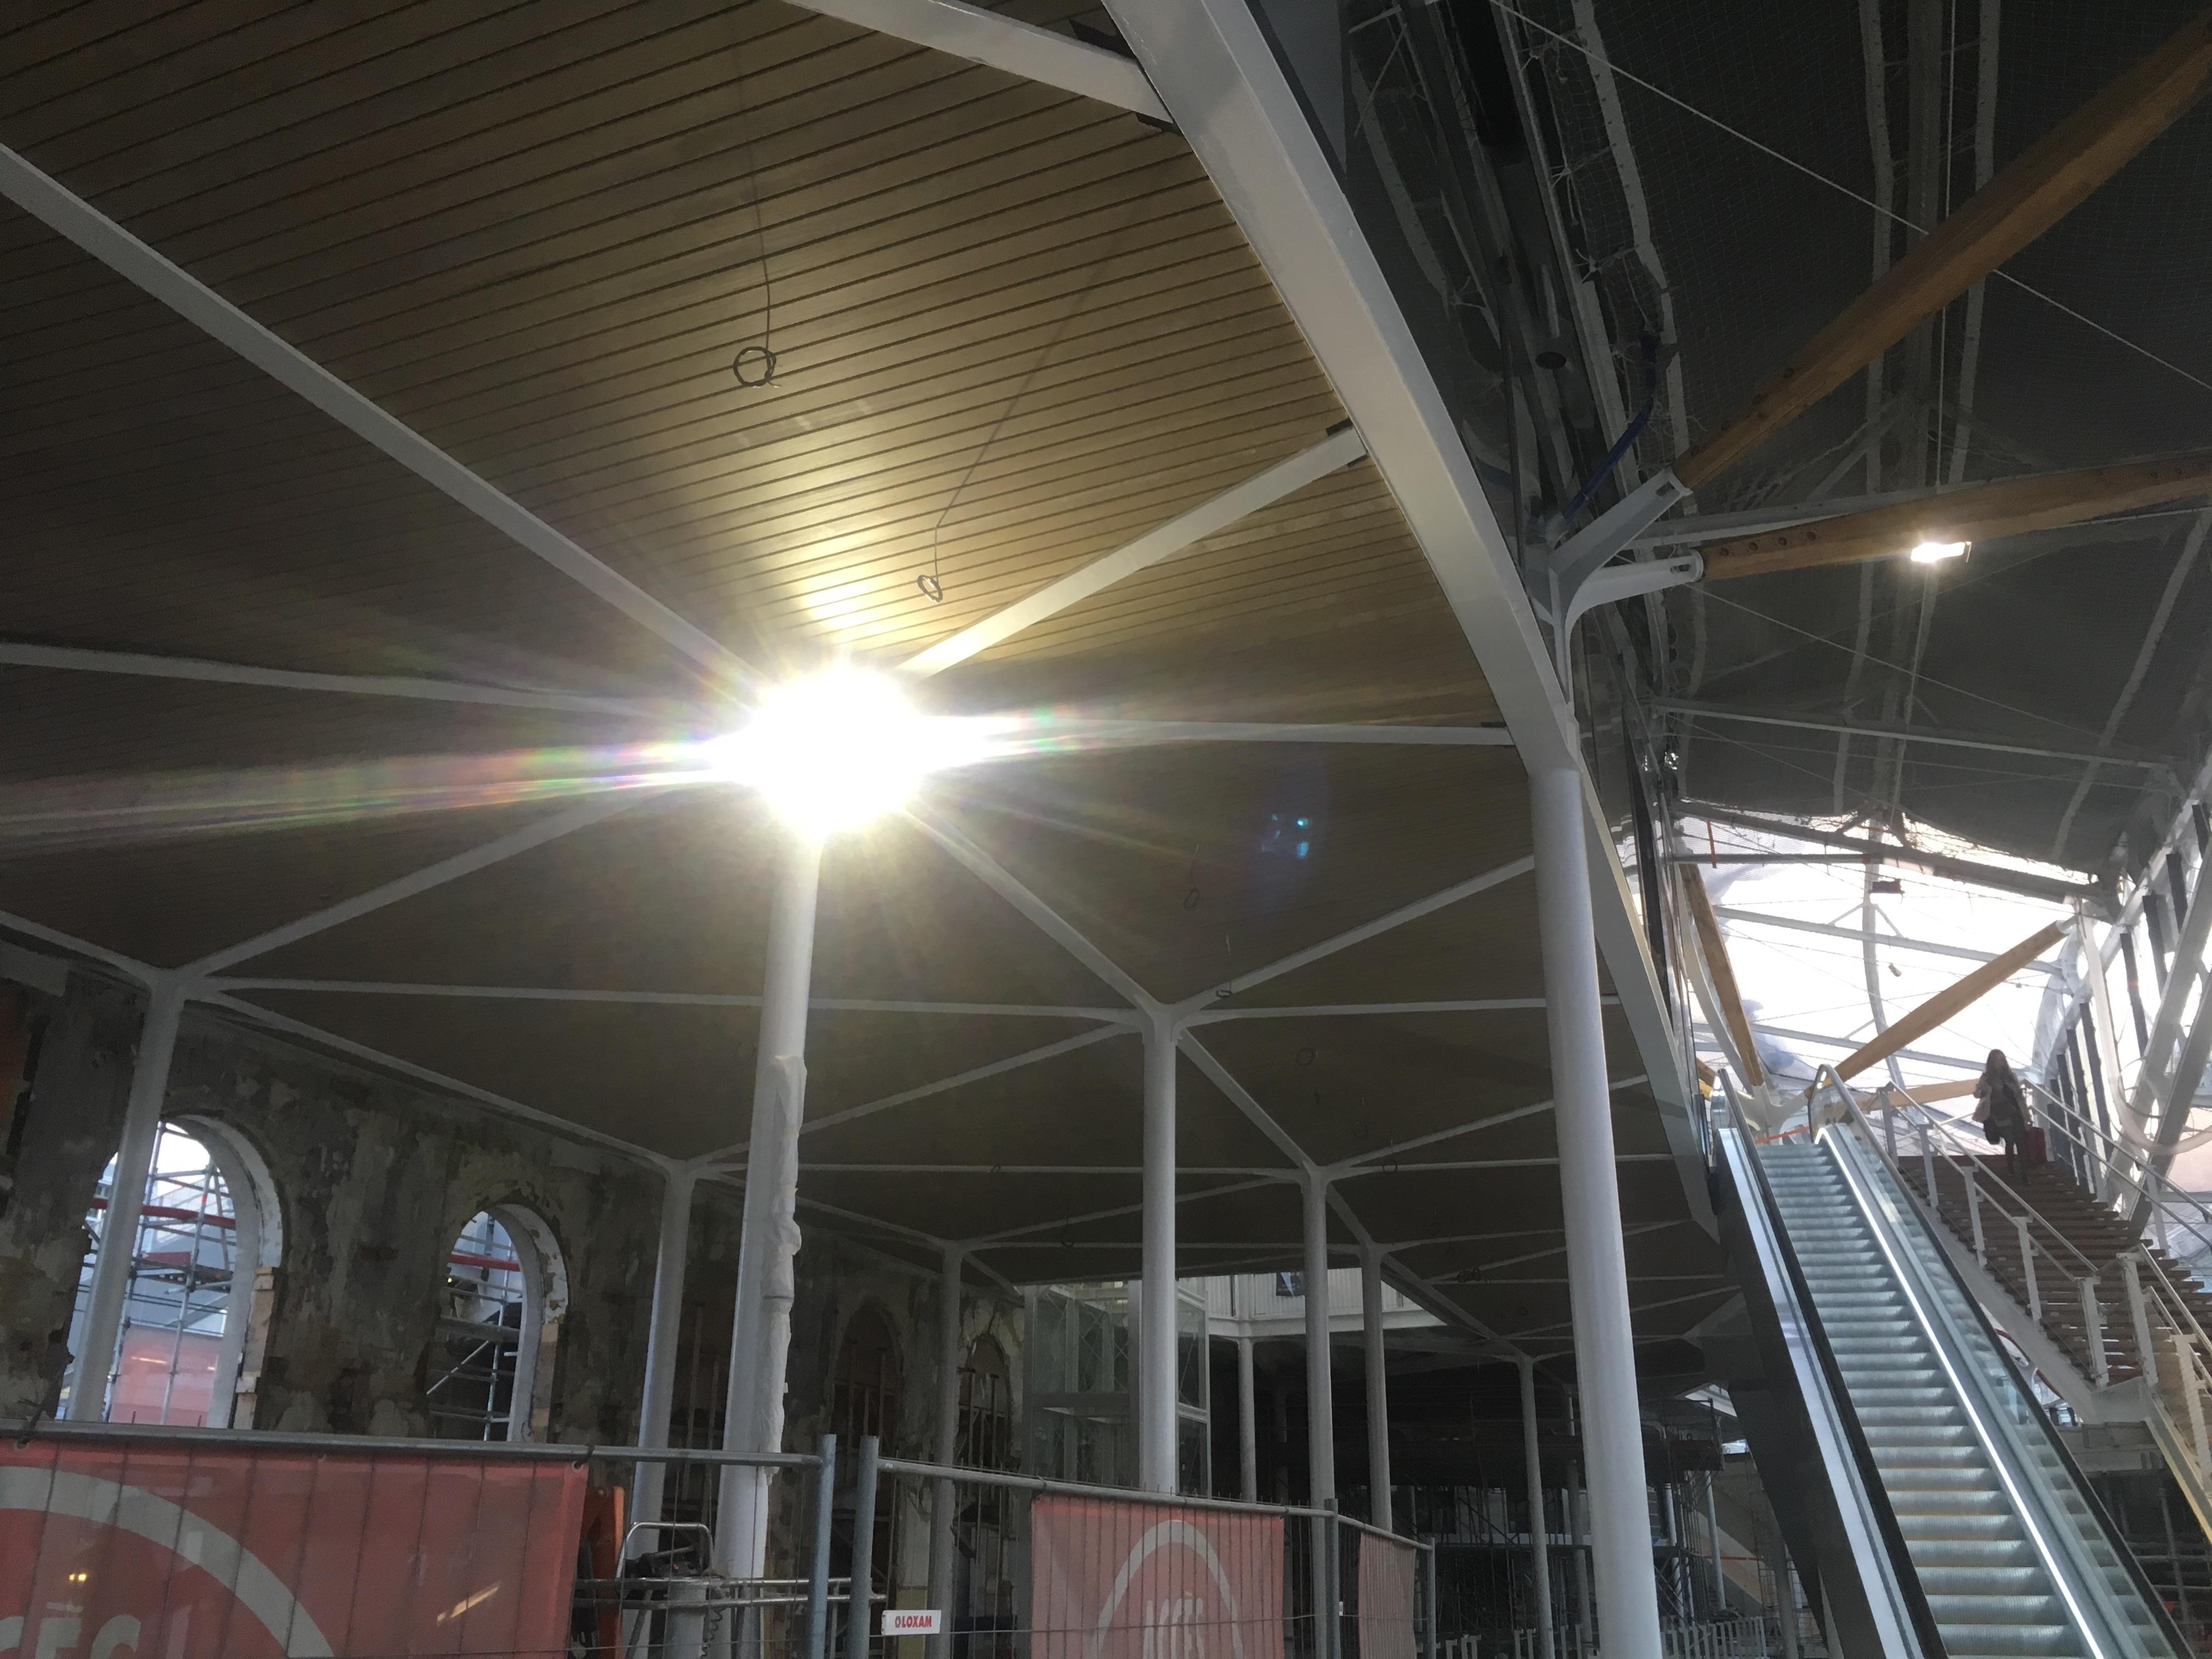 Gare de Rennes - Rénovation avril 2018 (12).jpg Français : Aperçu de la rénovation de la Gare de Rennes prise en avril 2018 Date 5 April 2018